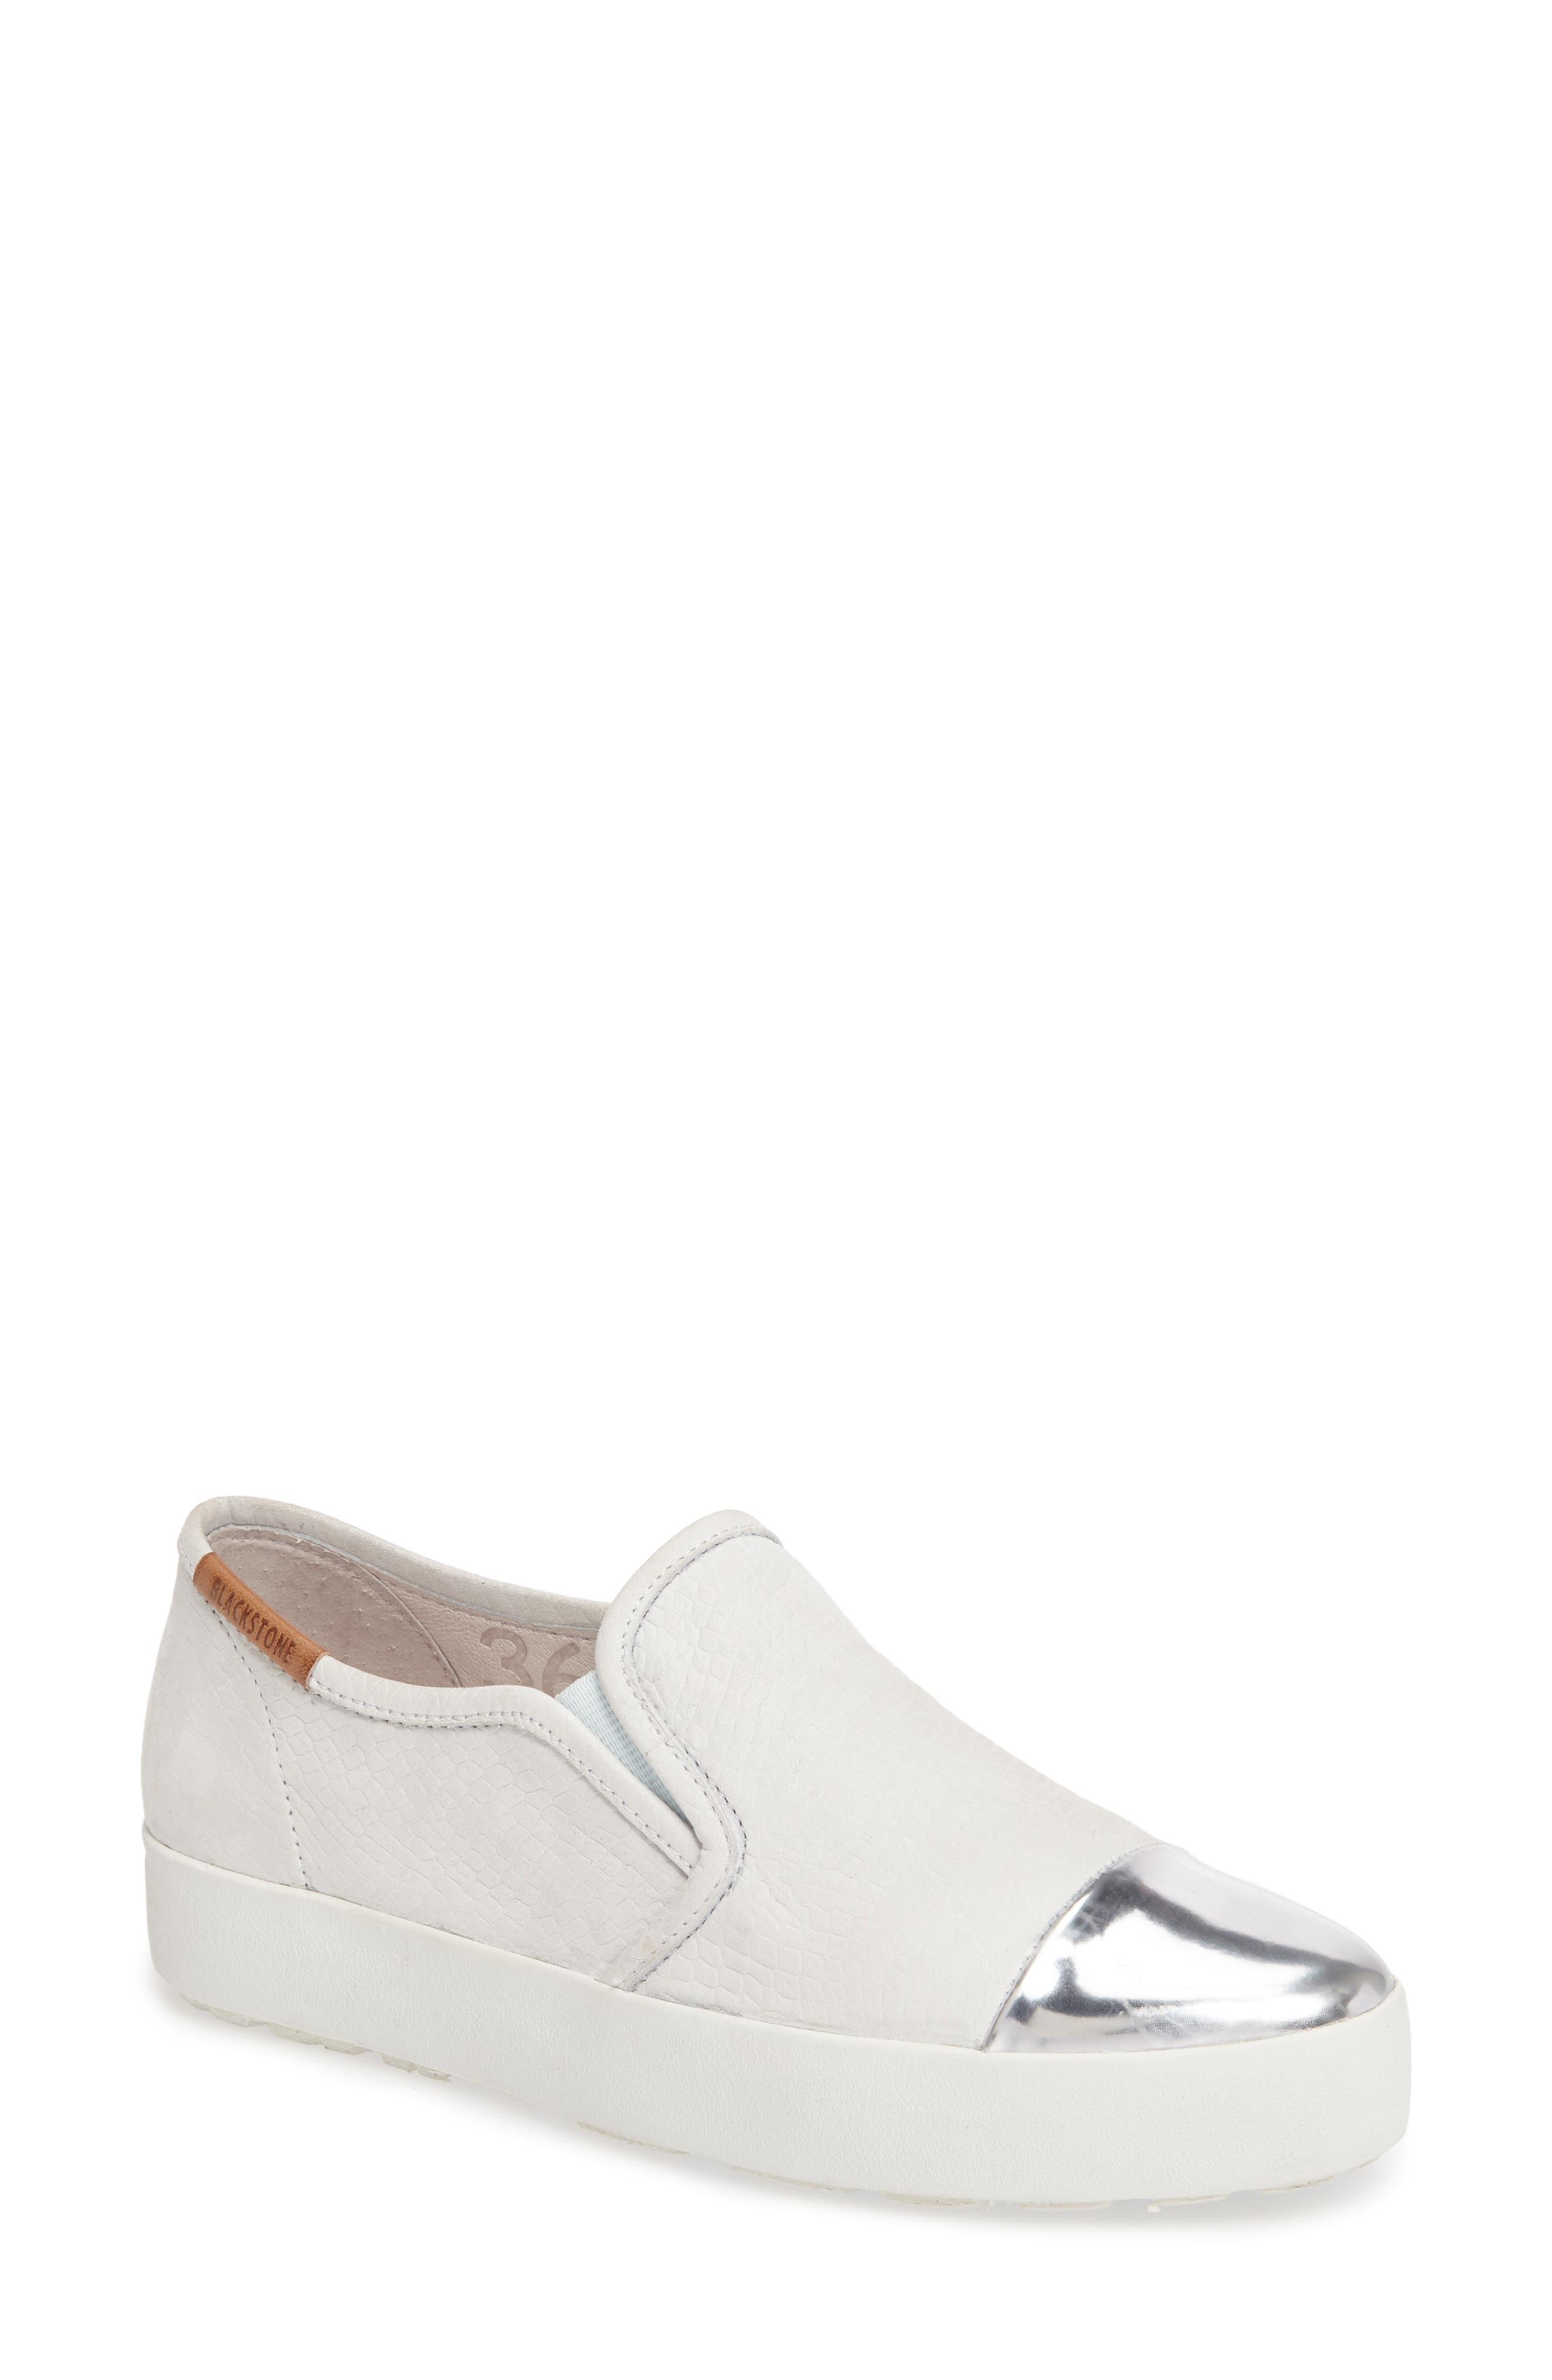 NL47 Slip-On Sneaker,                             Main thumbnail 1, color,                             White Nubuck